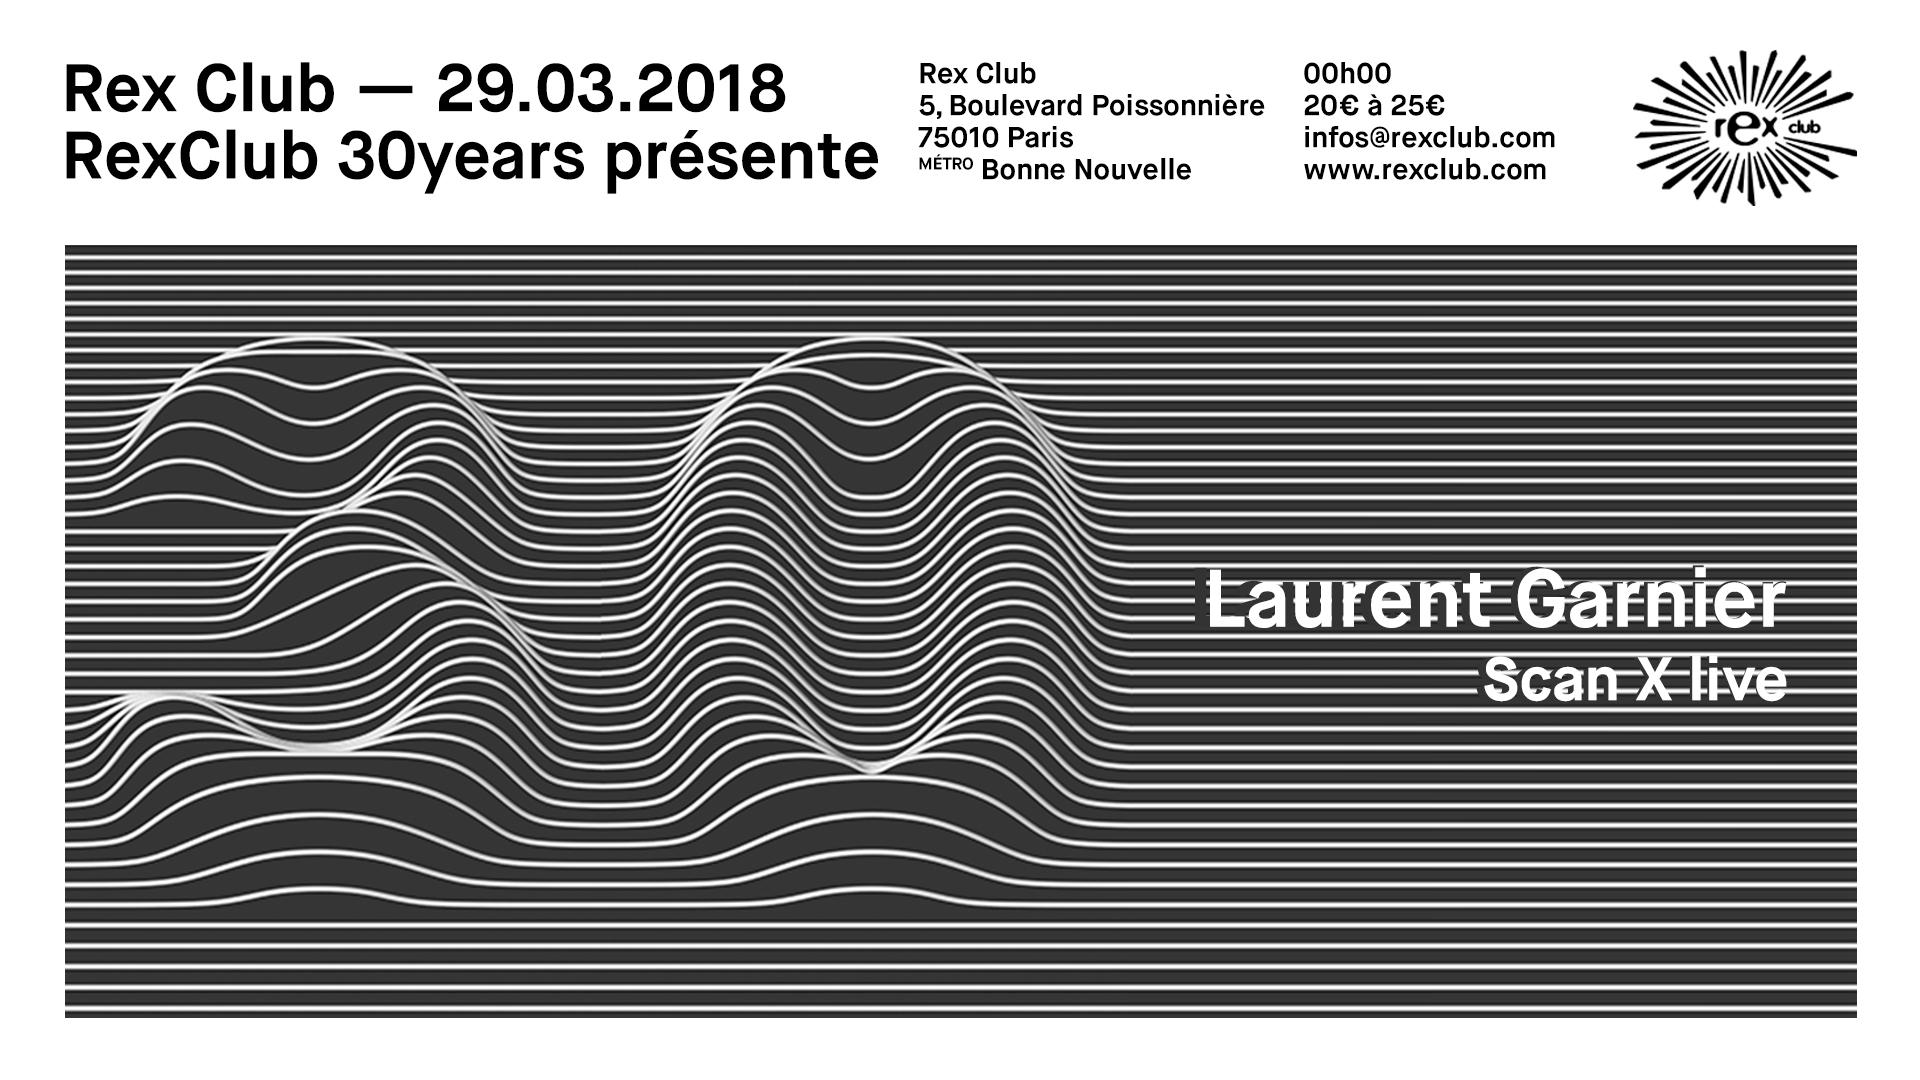 20180329_laurent_garnier_rexclub2018_facebook_event_banner_1920x1080_blanc